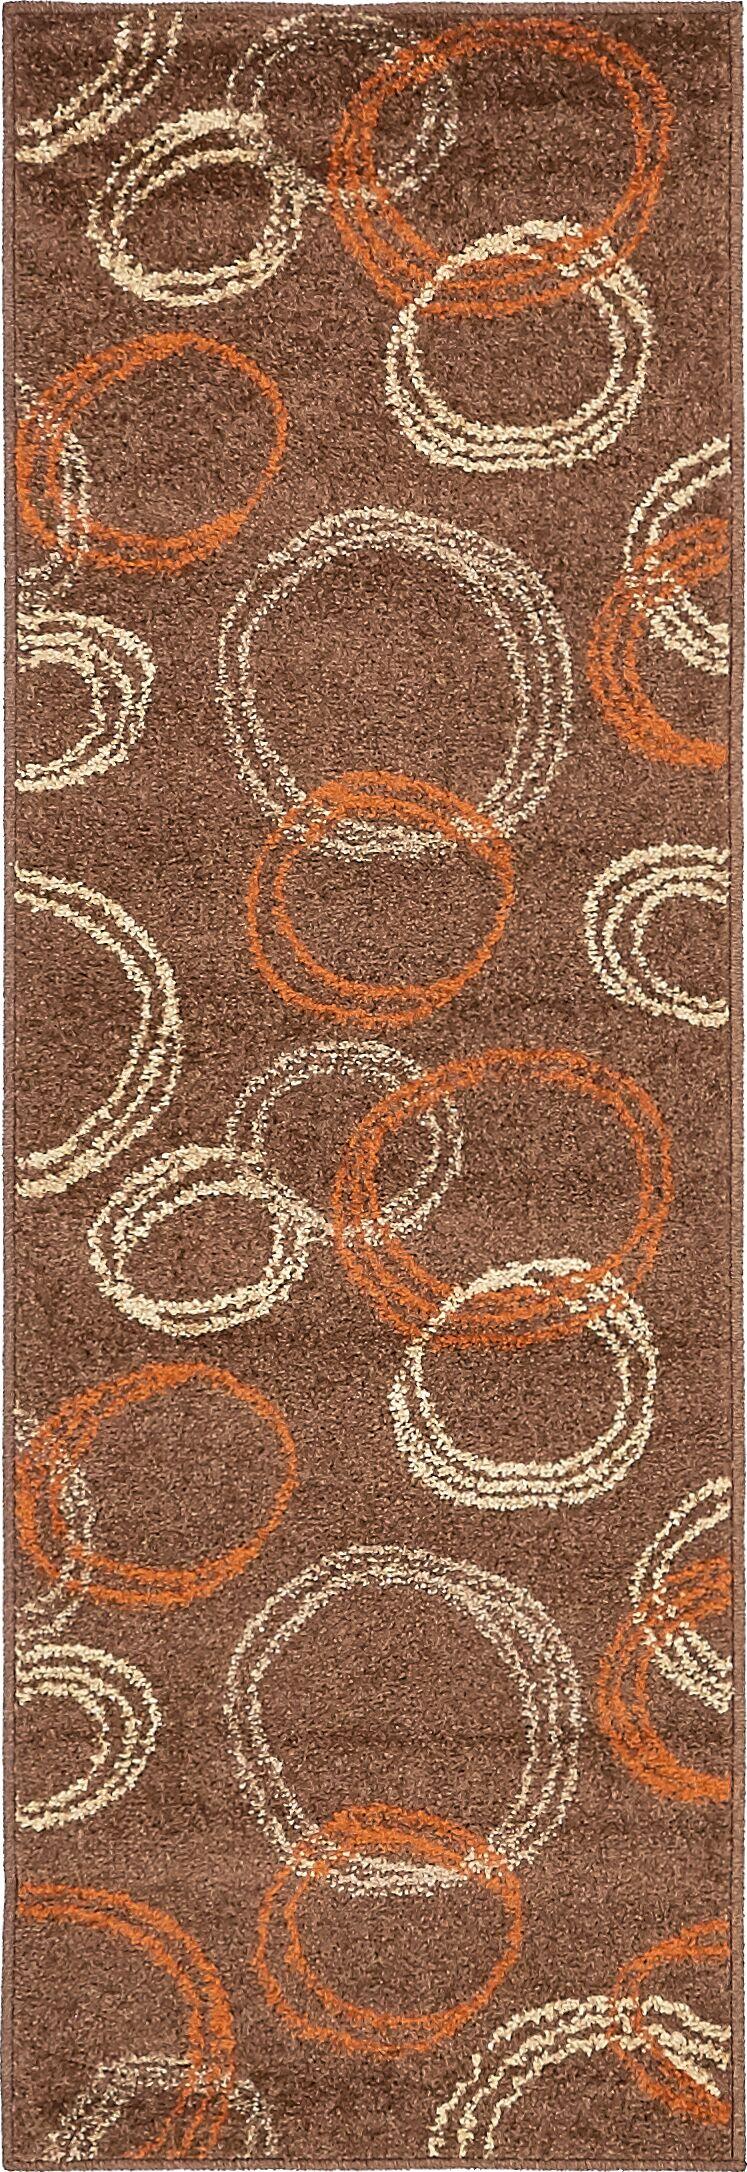 Jachim Brown Area Rug Rug Size: Round 8' x 8'